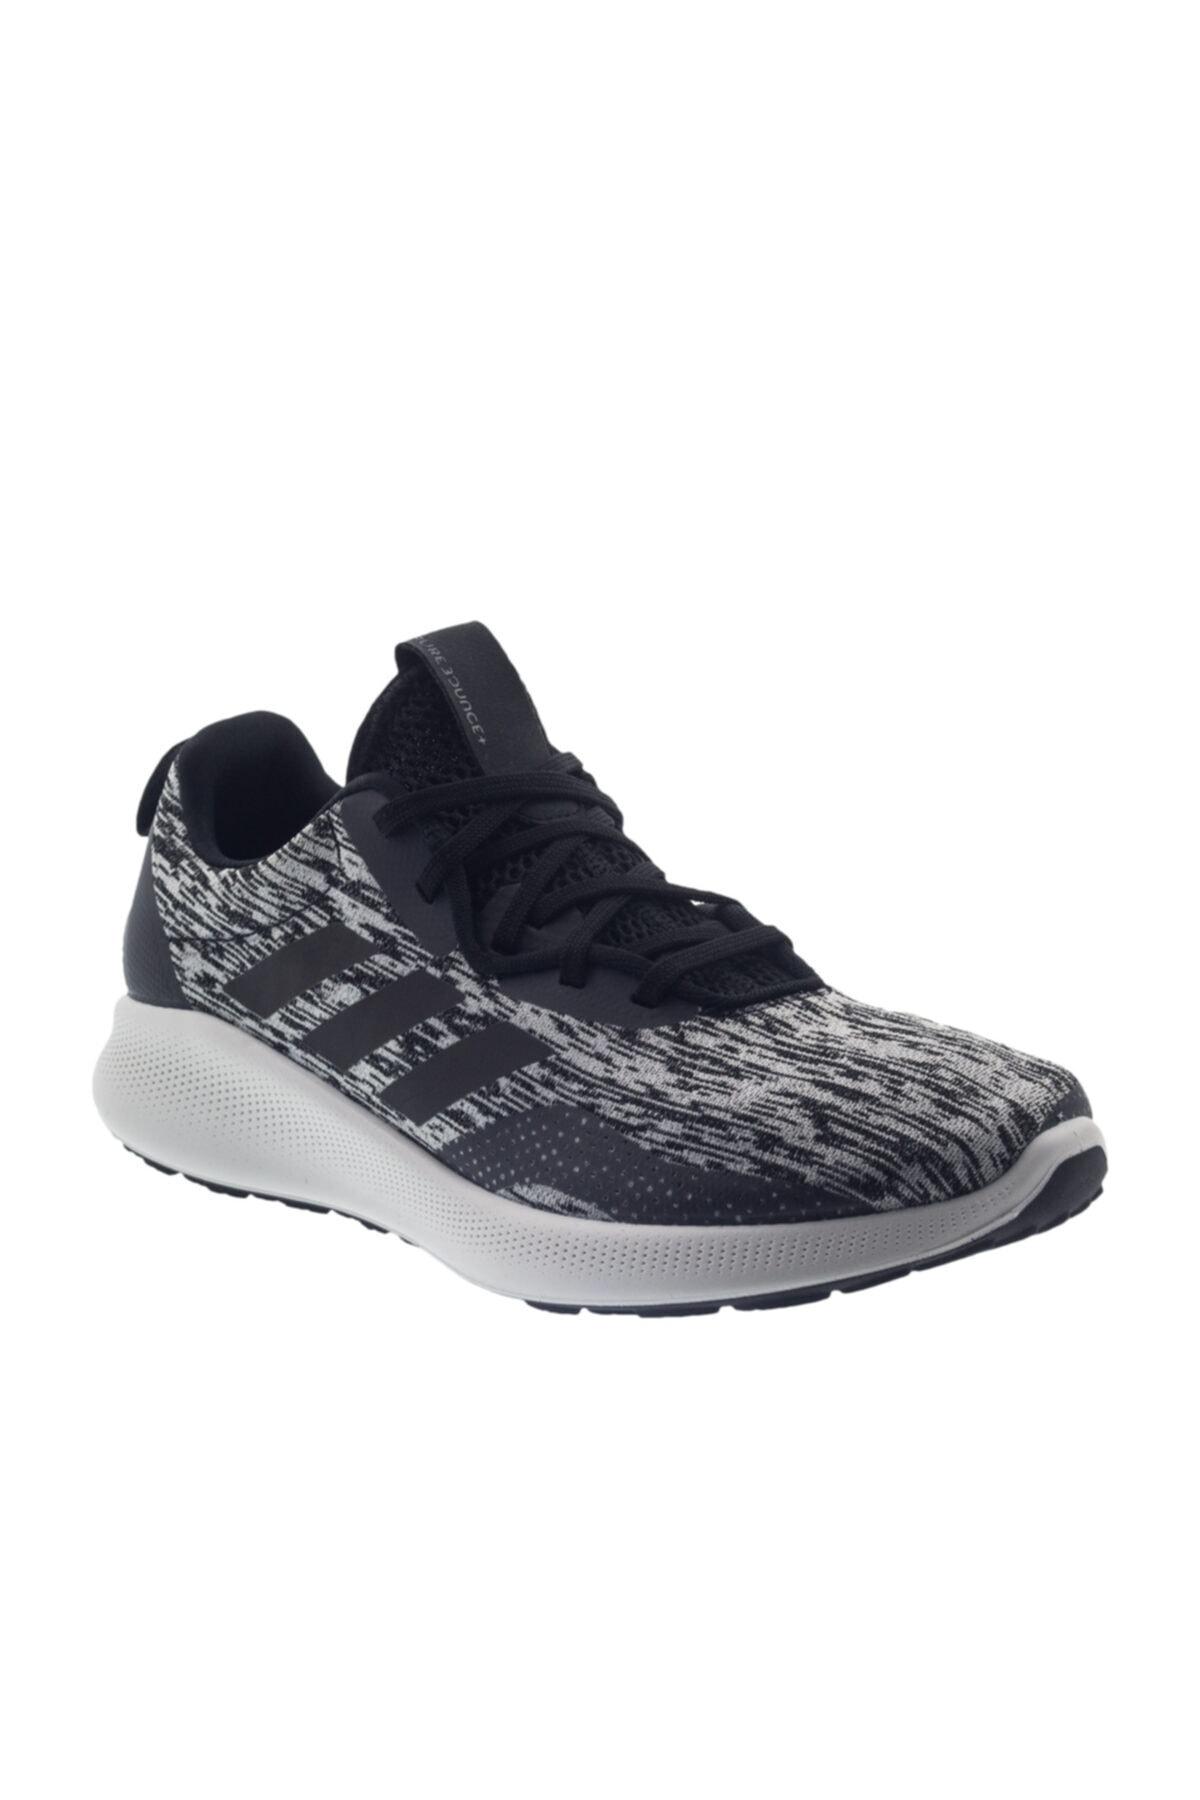 adidas Purebounce+ Street Erkek Spor Ayakkabı - B96360